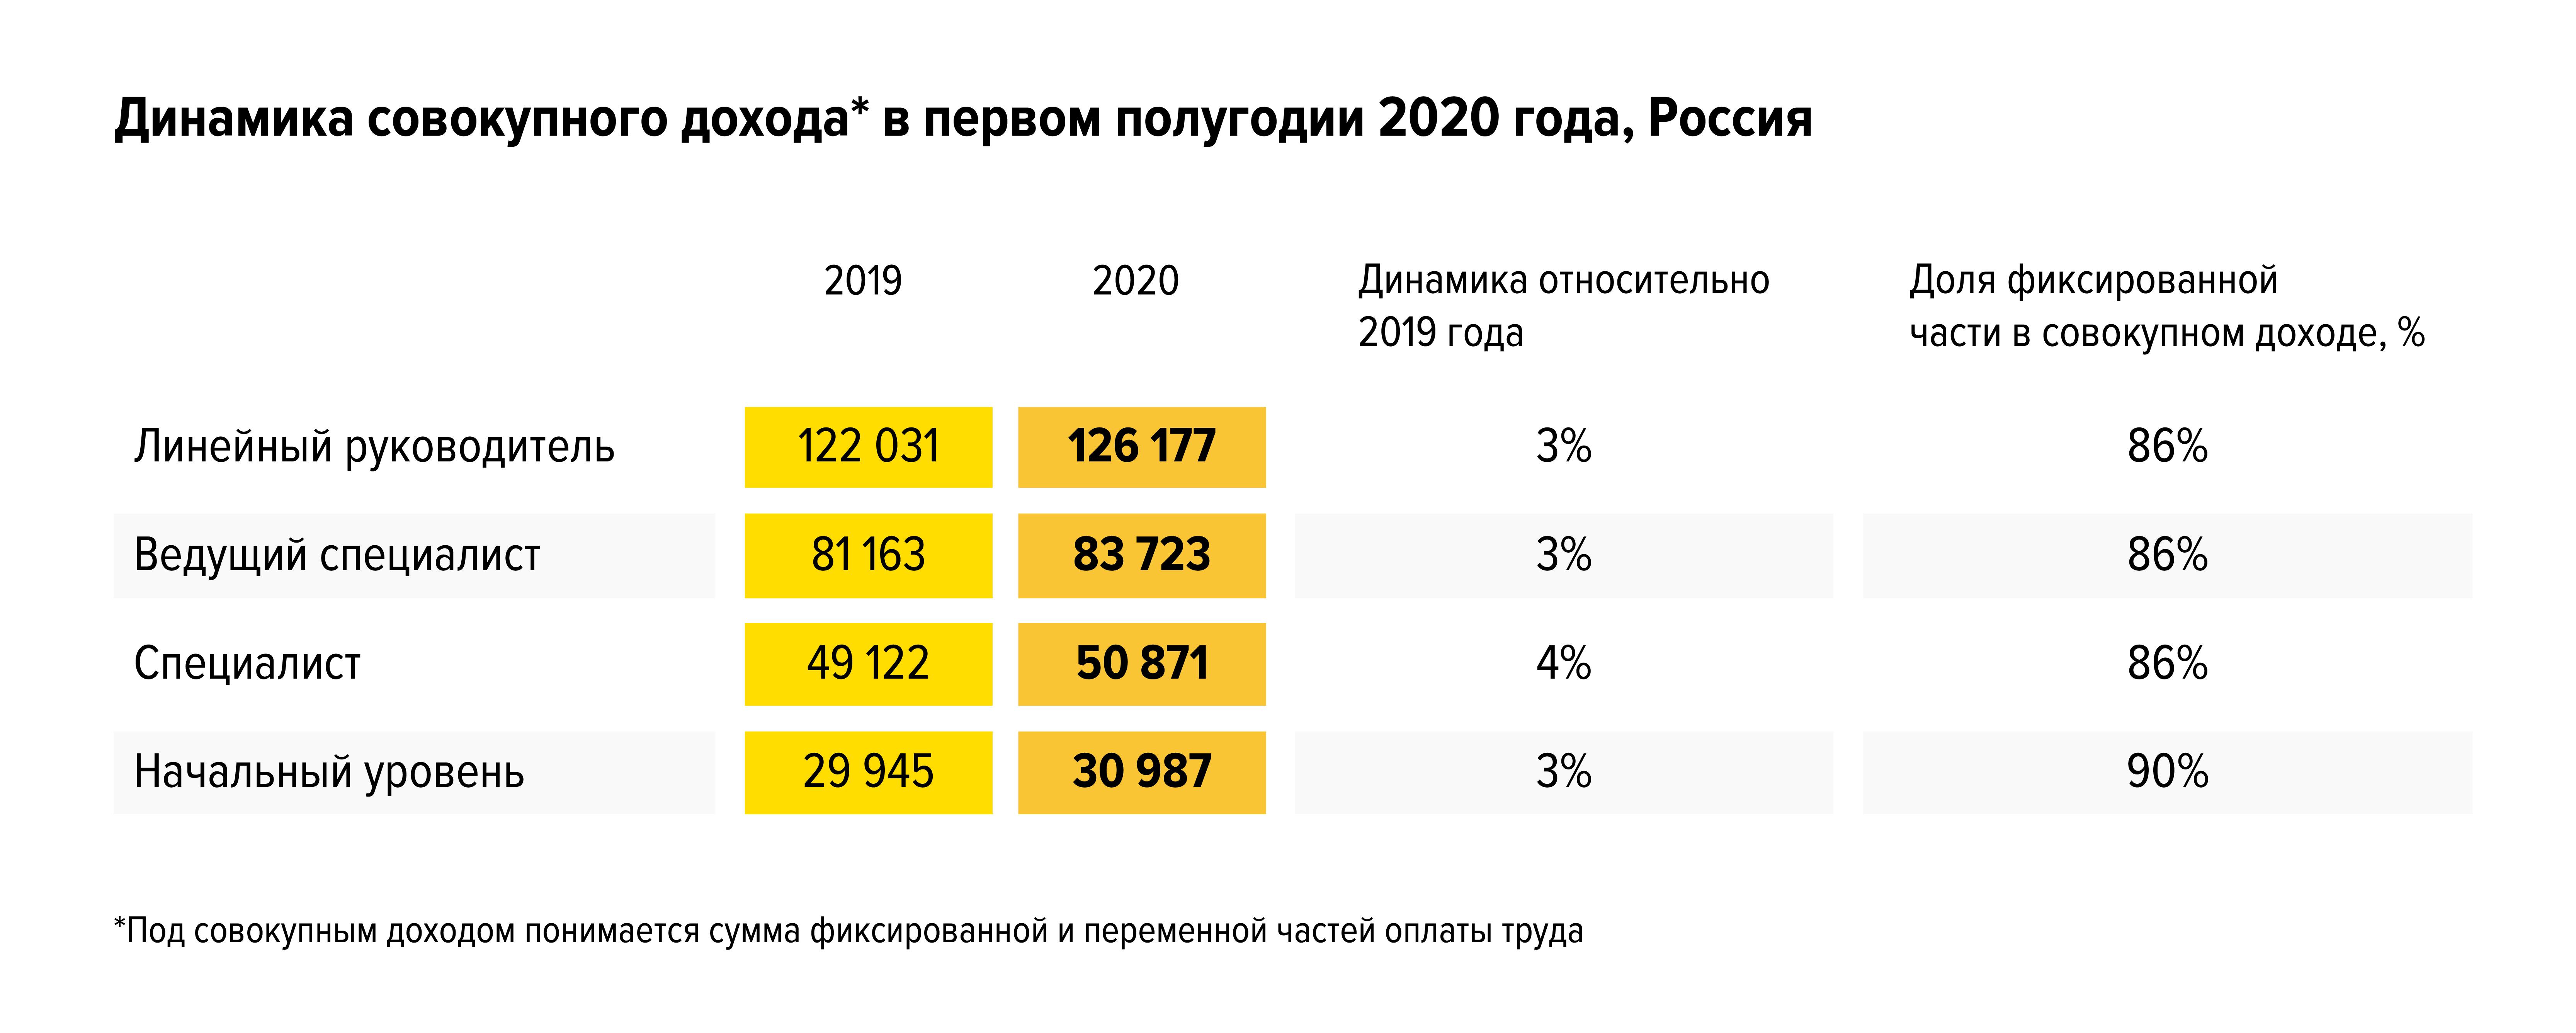 Зарплатные тренды первого полугодия 2020 года: худшие прогнозы не сбылись